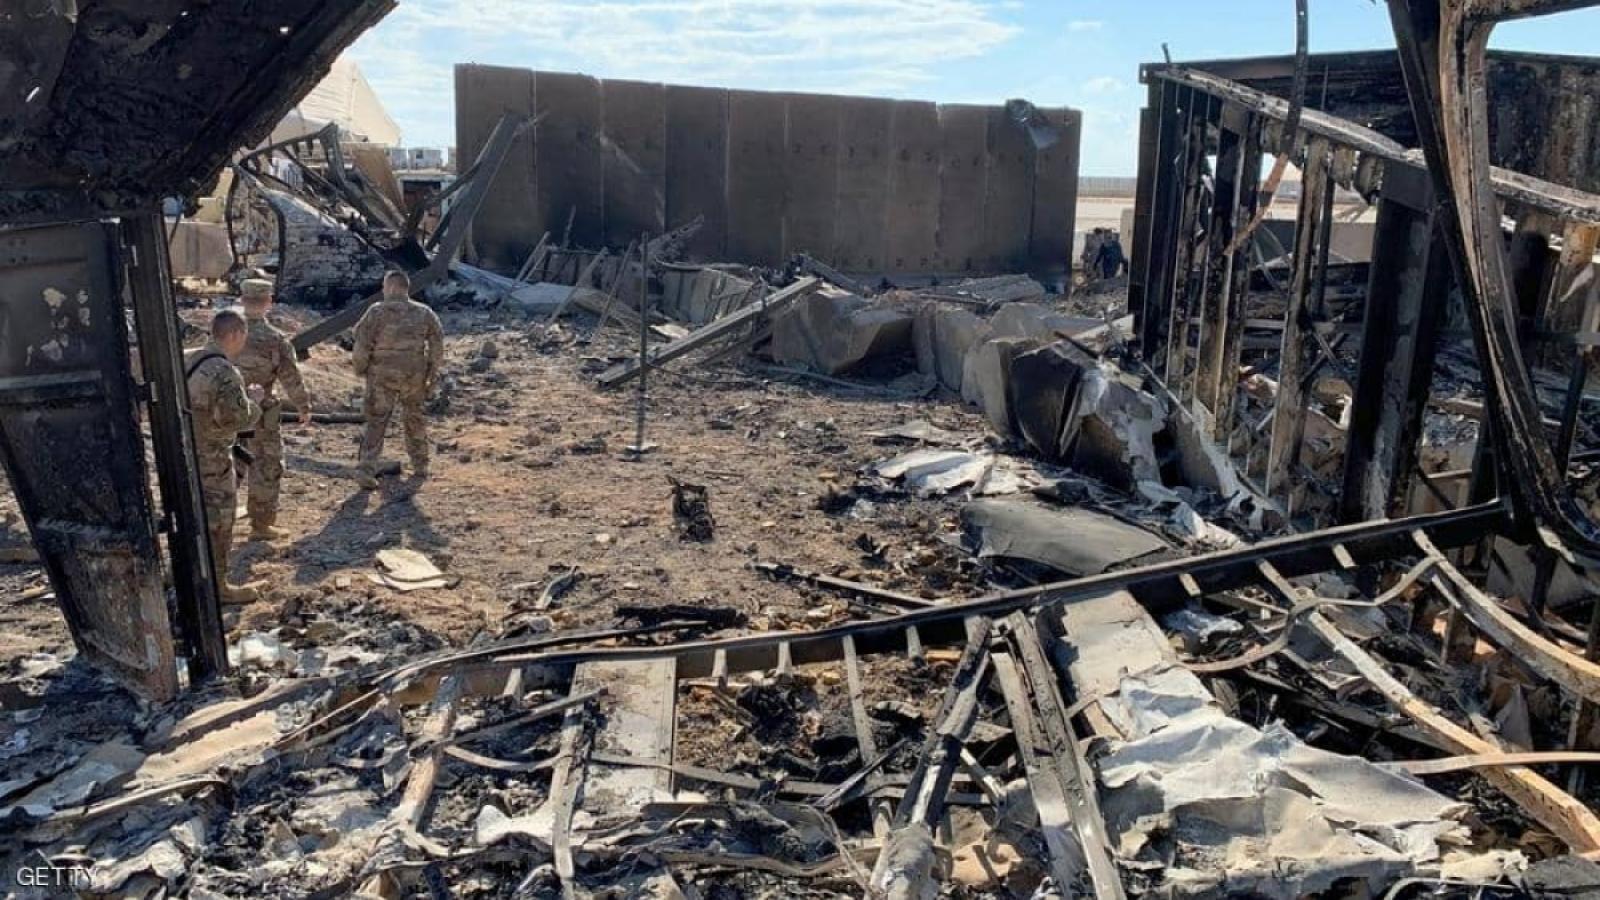 Mỹ cân nhắc phản ứng quân sự sau vụ tấn công bằng tên lửa vào căn cứ ở Iraq